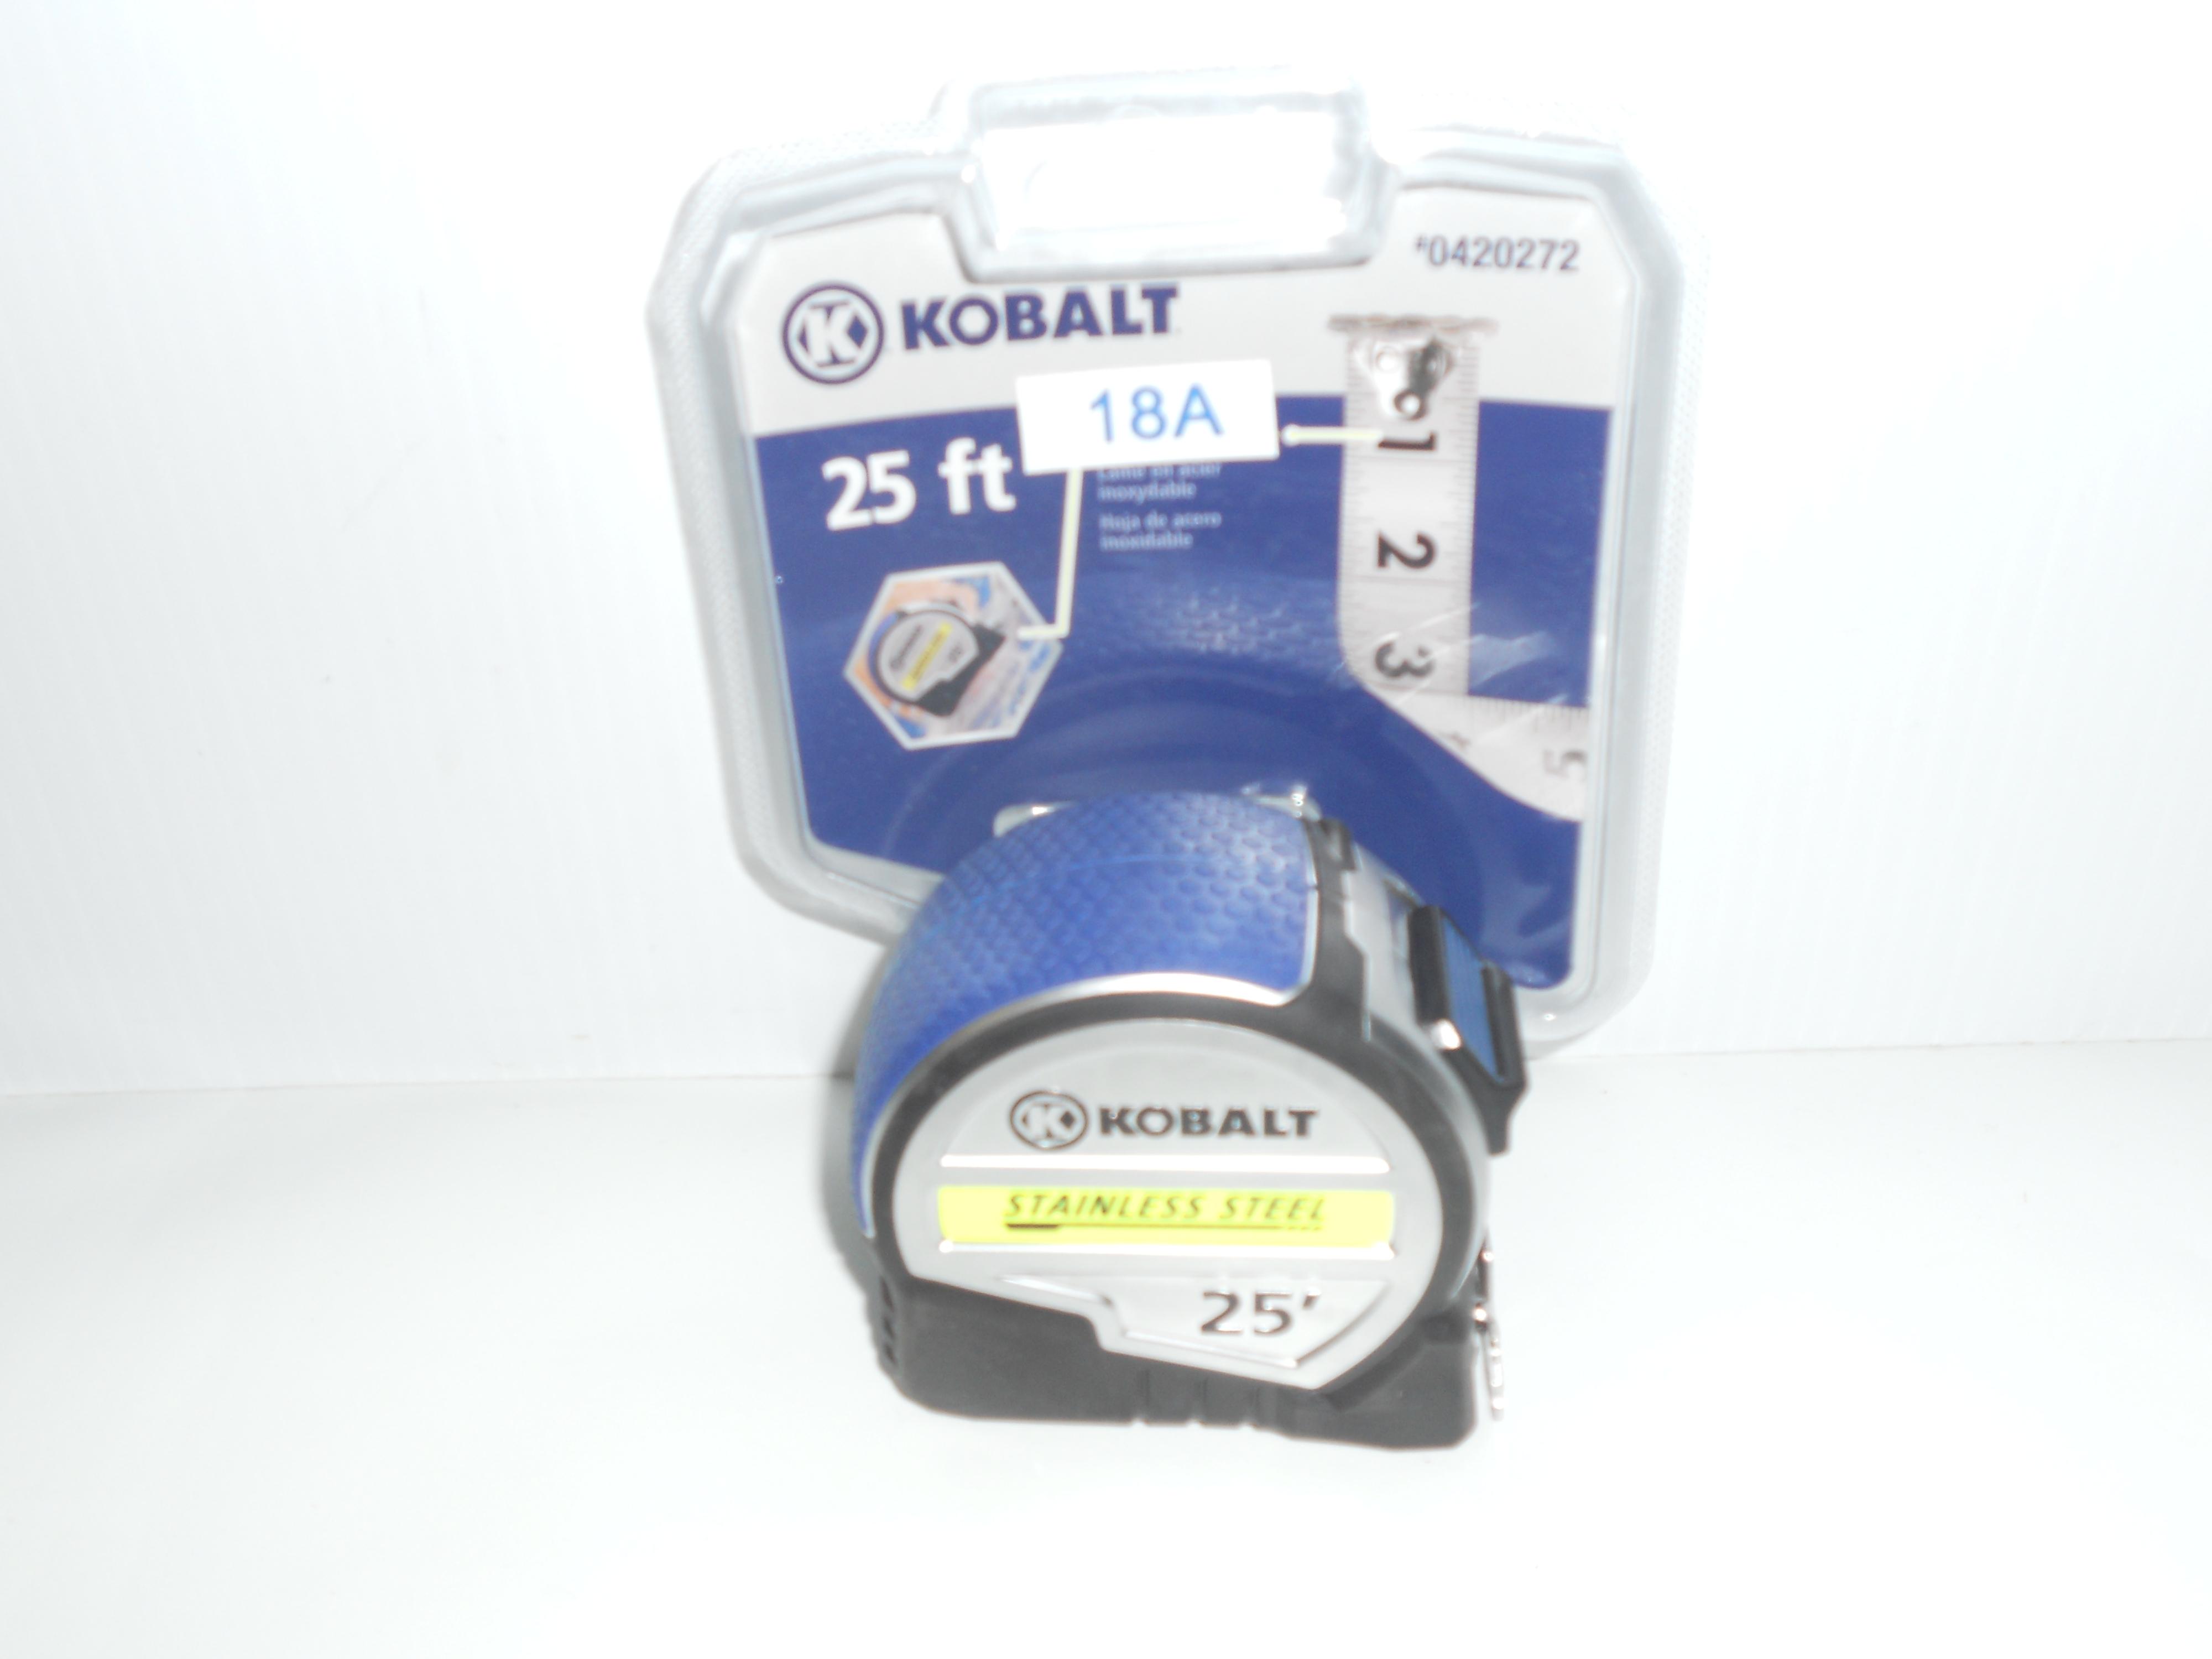 Kobalt 25 foot Stainless steel tape measure